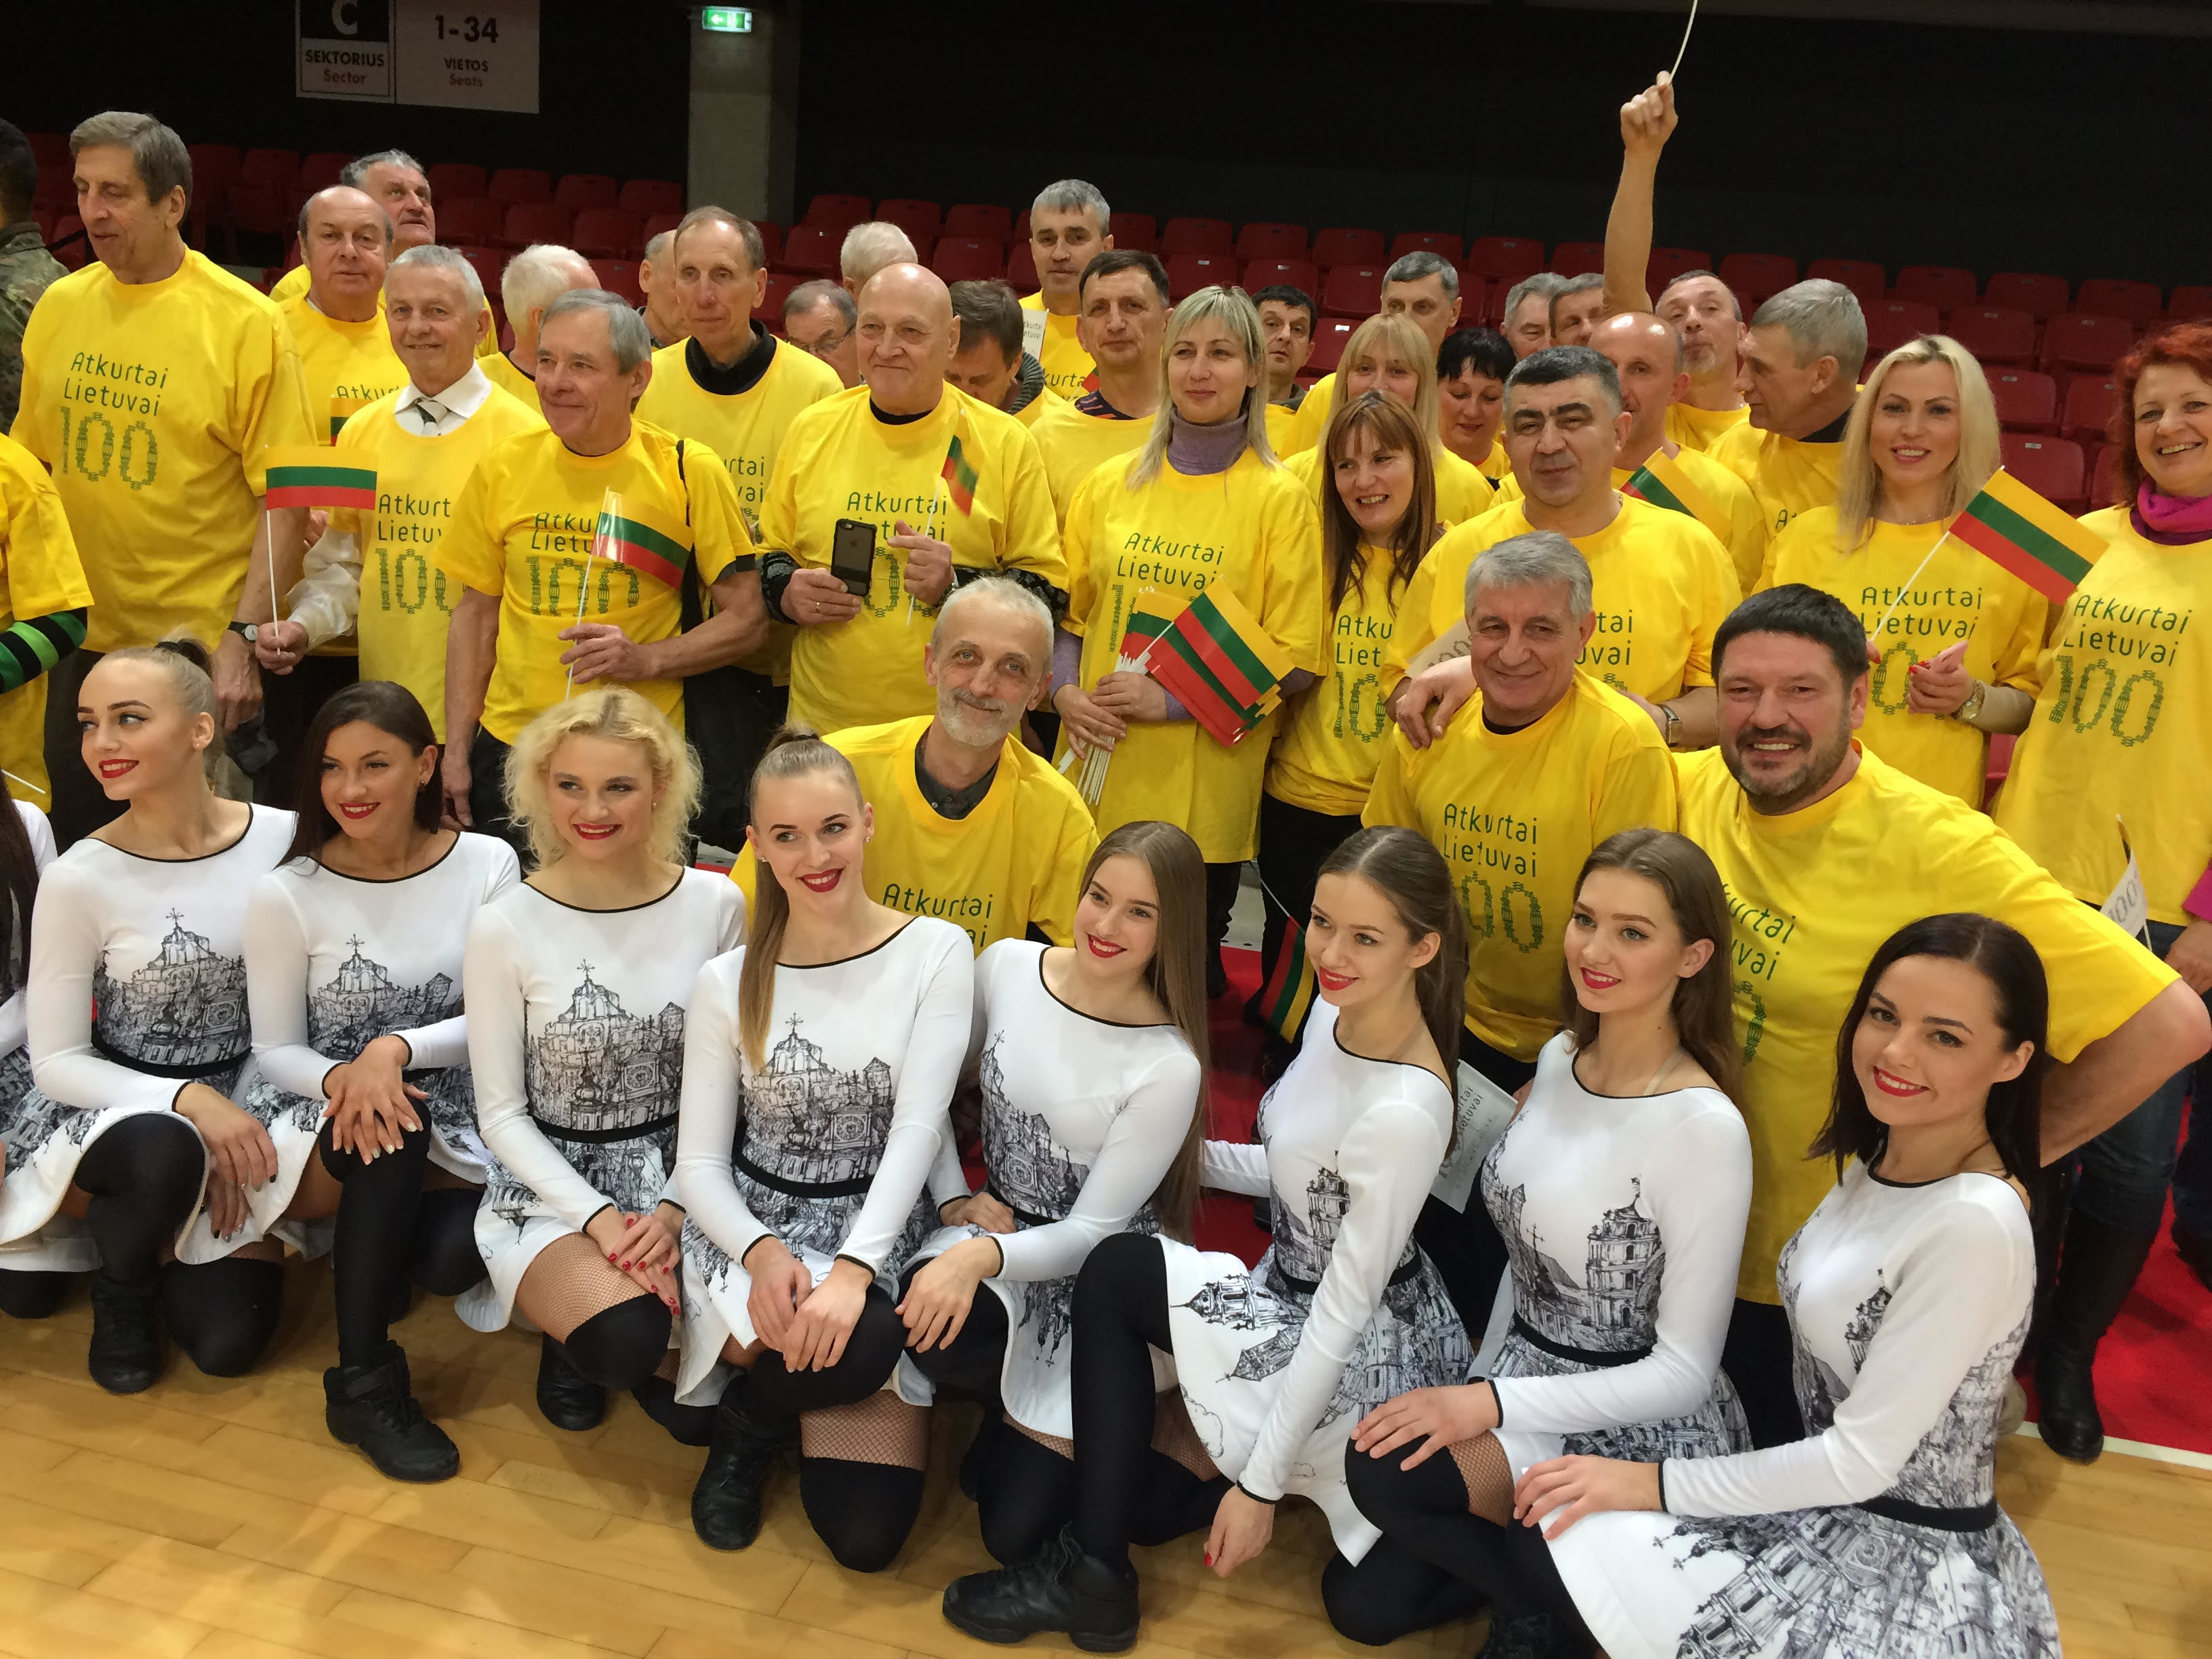 Українці на турнірі з нагоди 100-річчя відновлення державності Литви